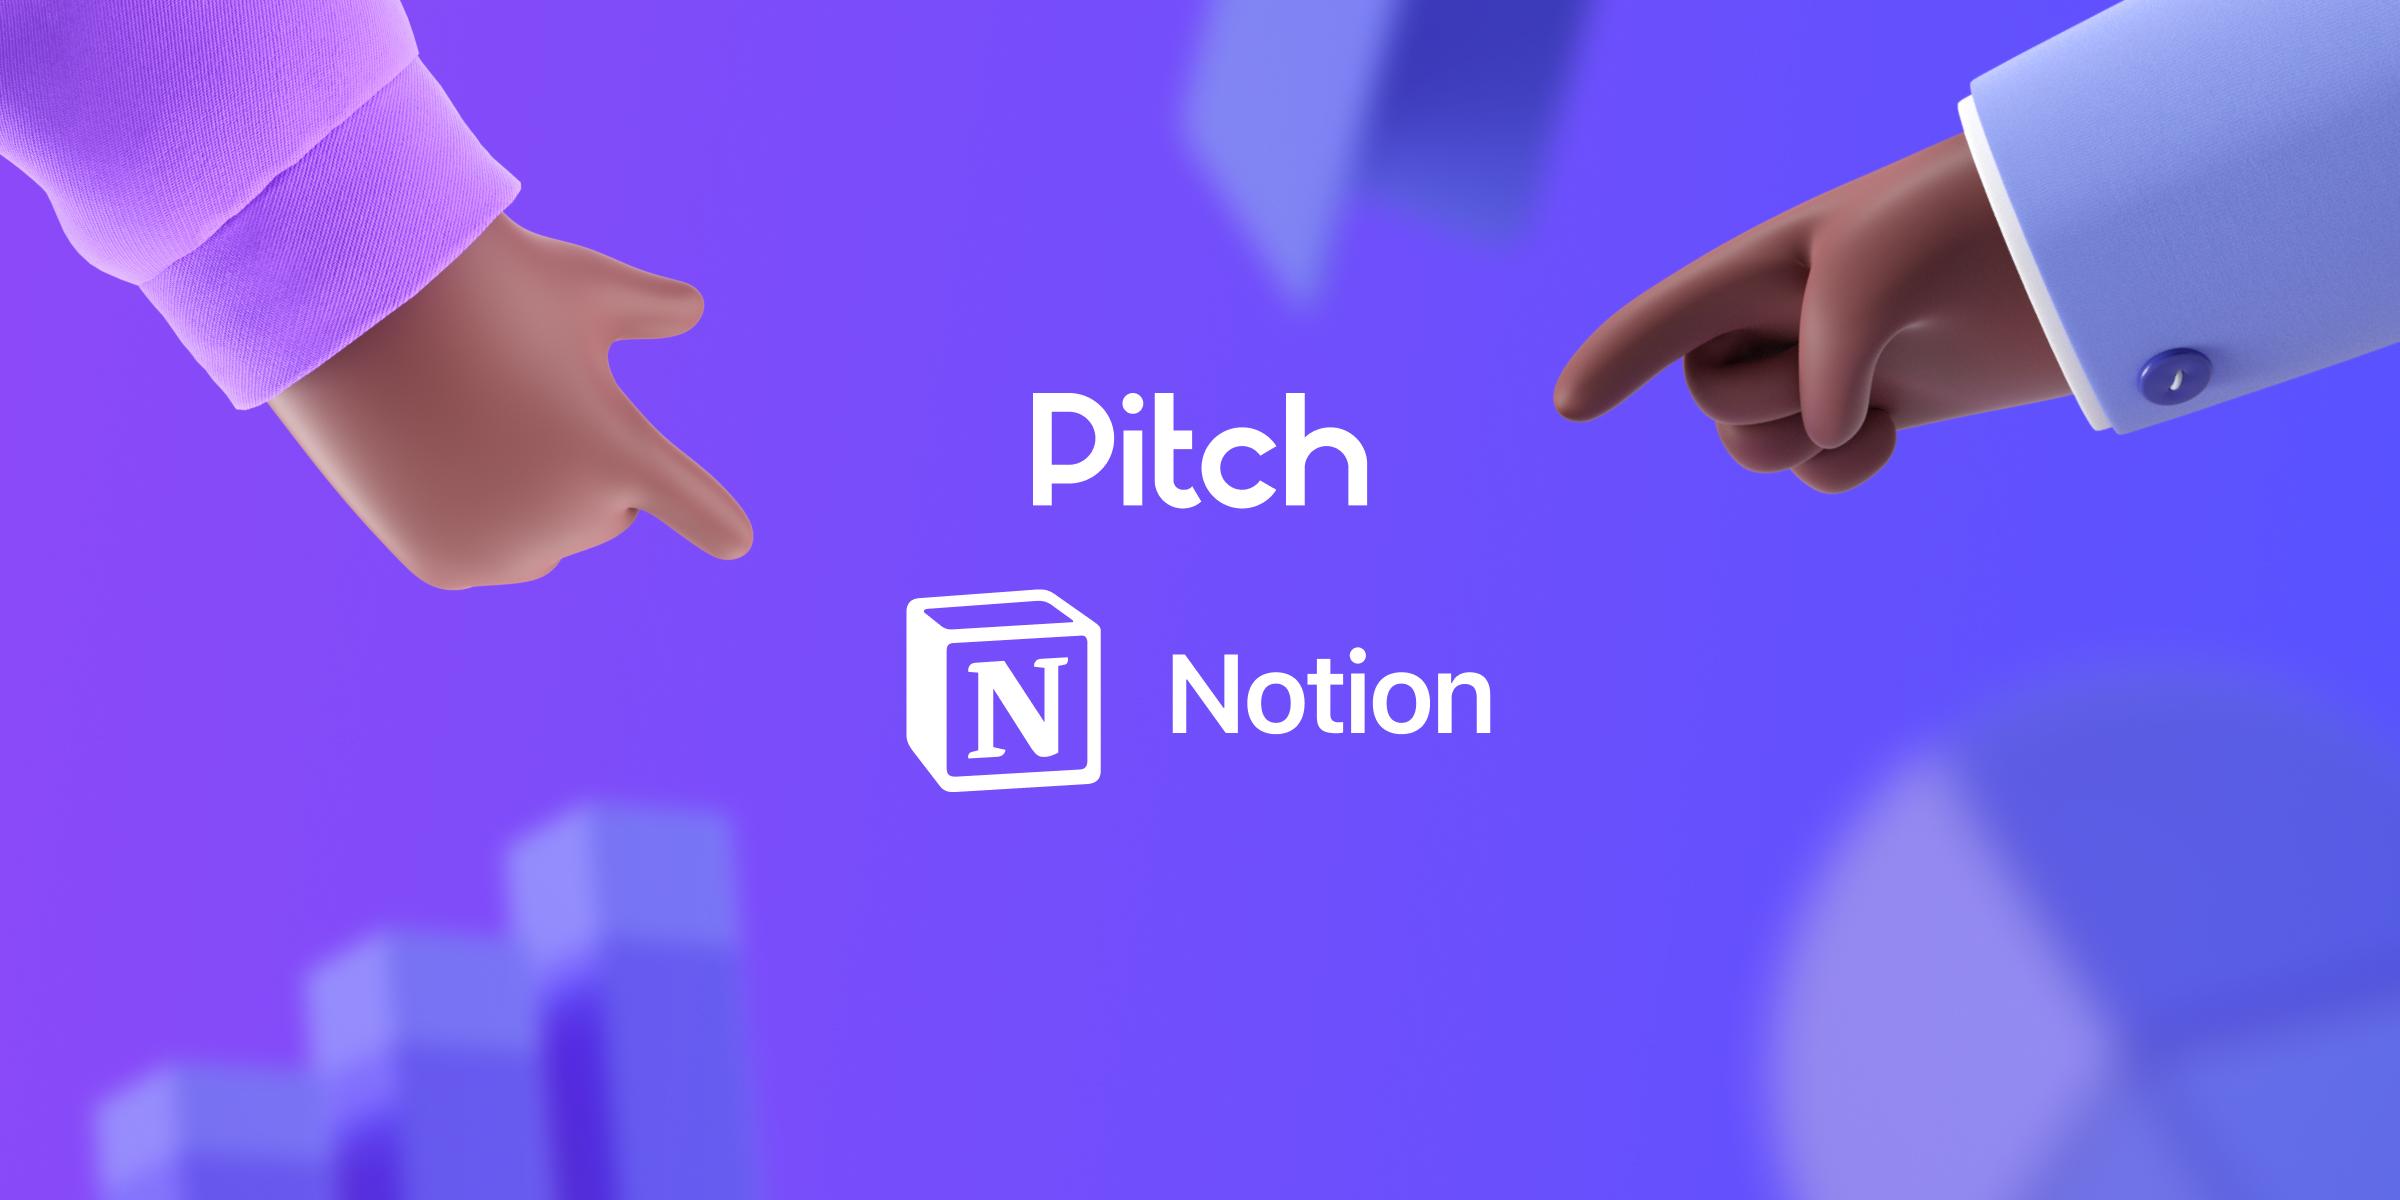 Notion-Pitch-remote-work